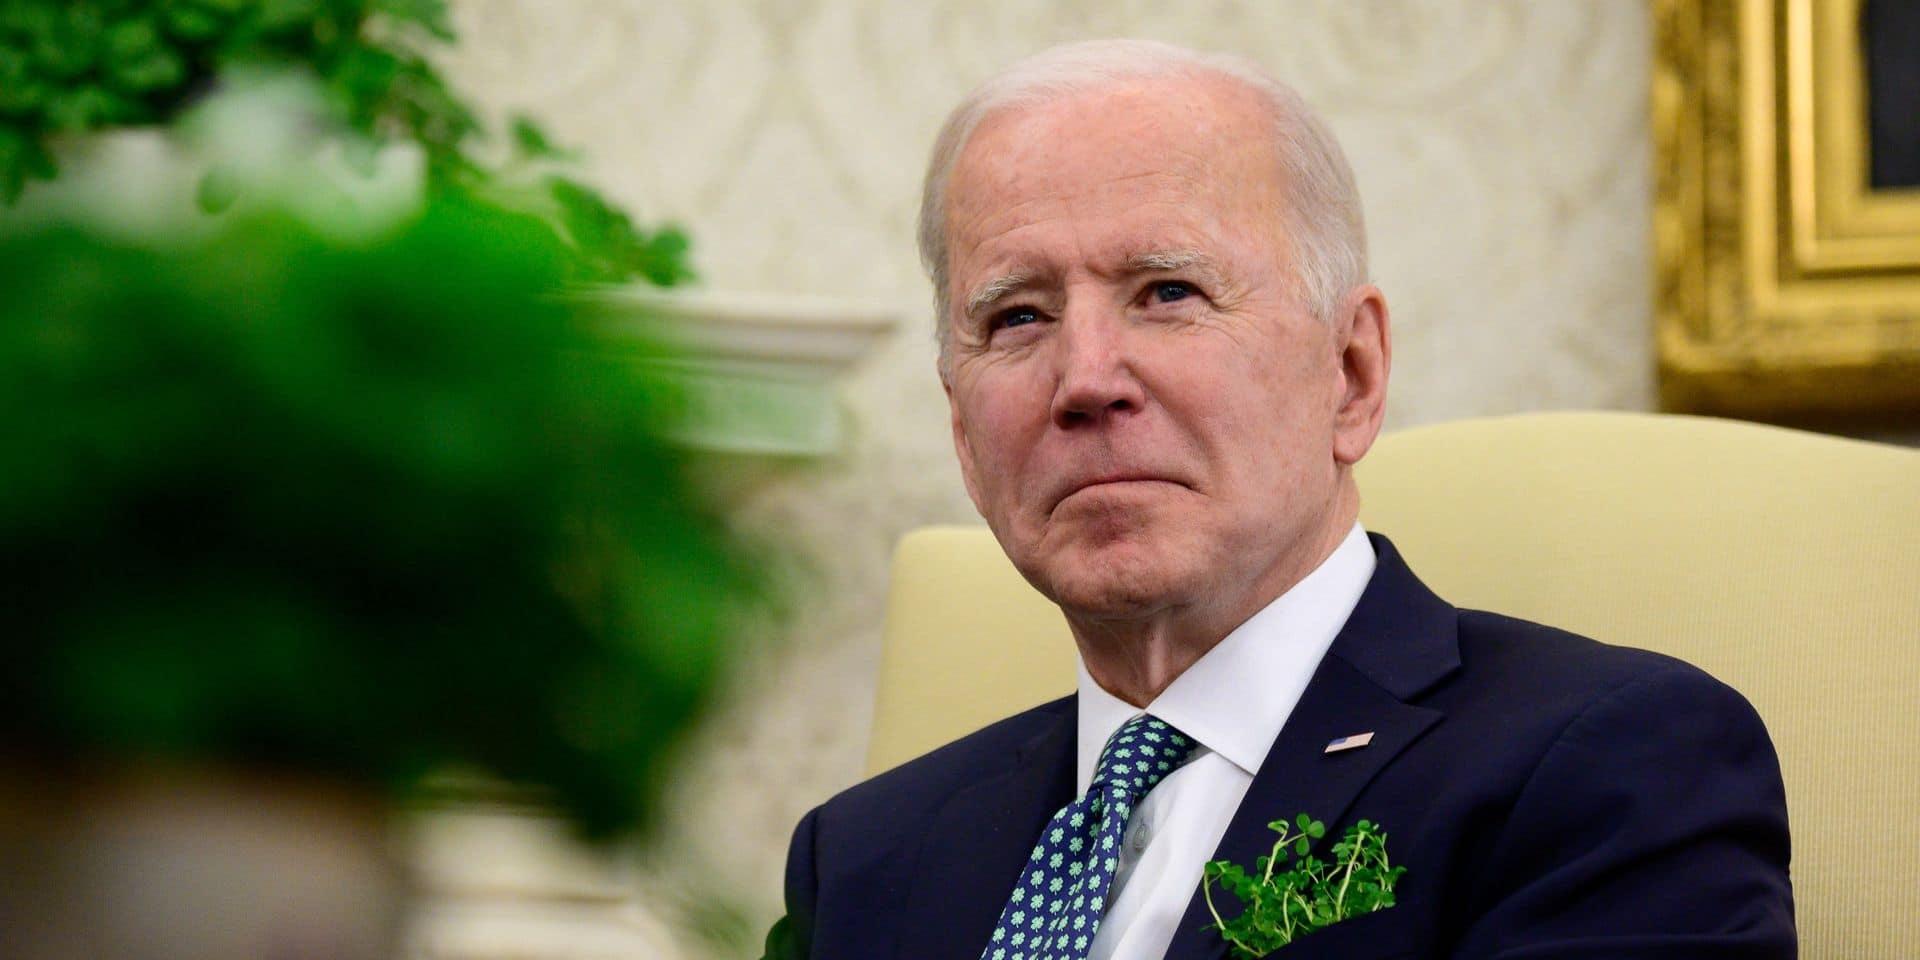 Le plan climatique de Joe Biden fait face à de nombreux obstacles